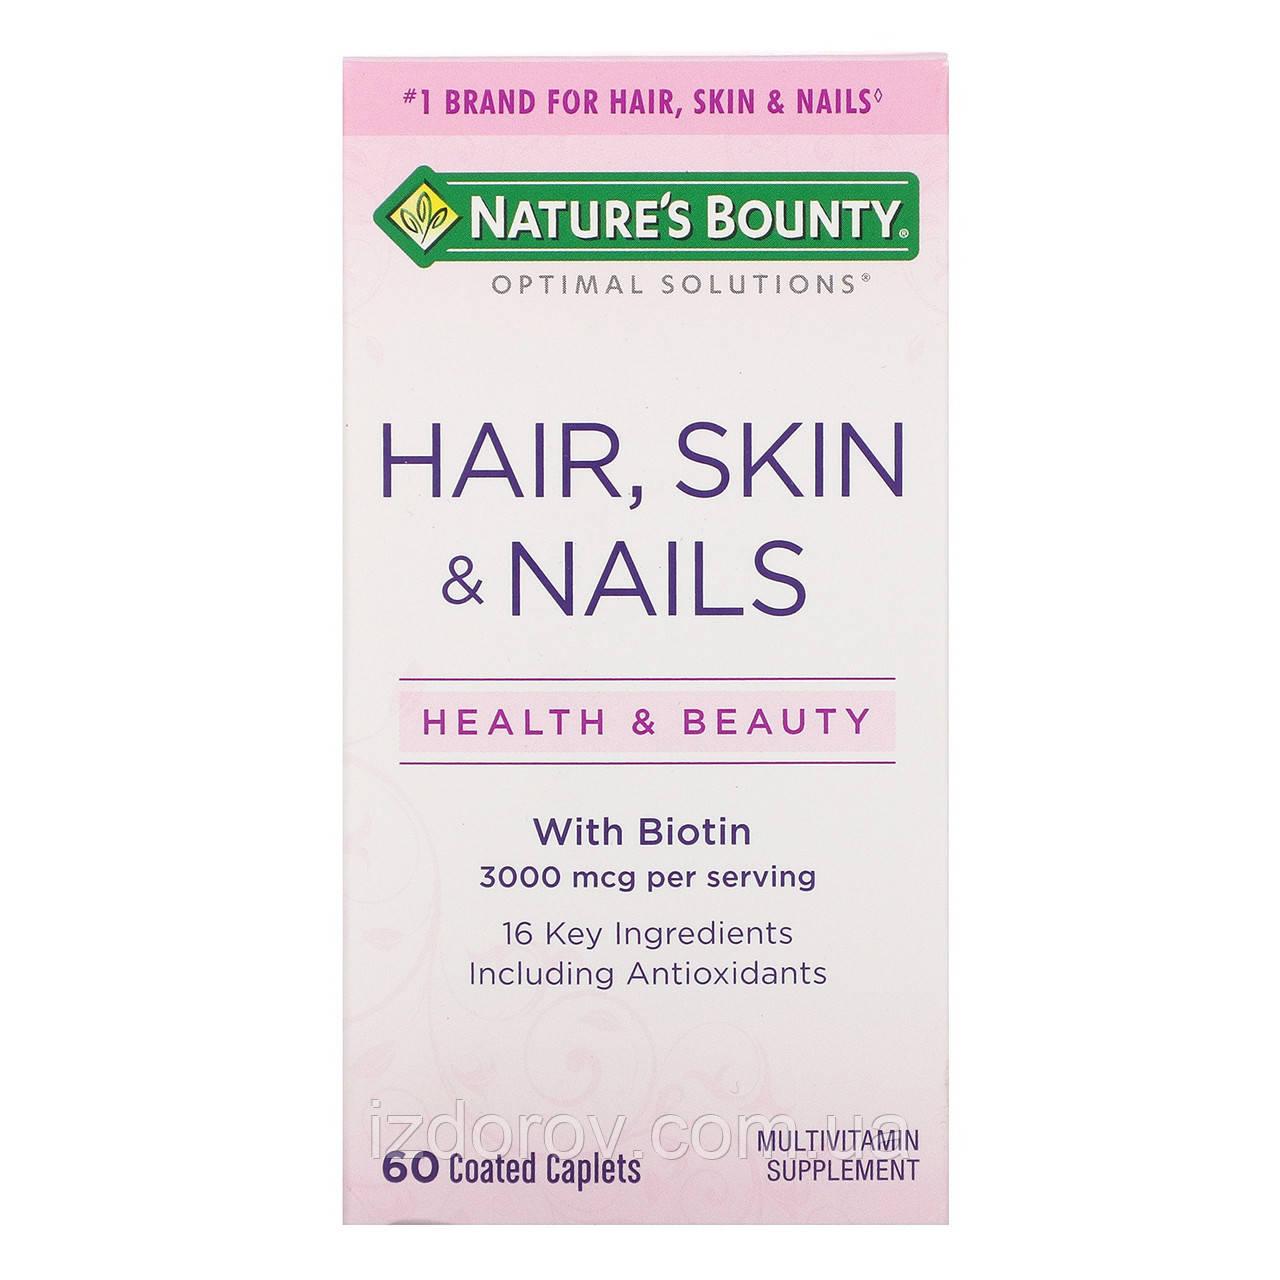 Nature's Bounty, Волосы, кожа и ногти, комплекс витаминов Hair Skin & Nails, 60 капсул, покрытых оболочкой